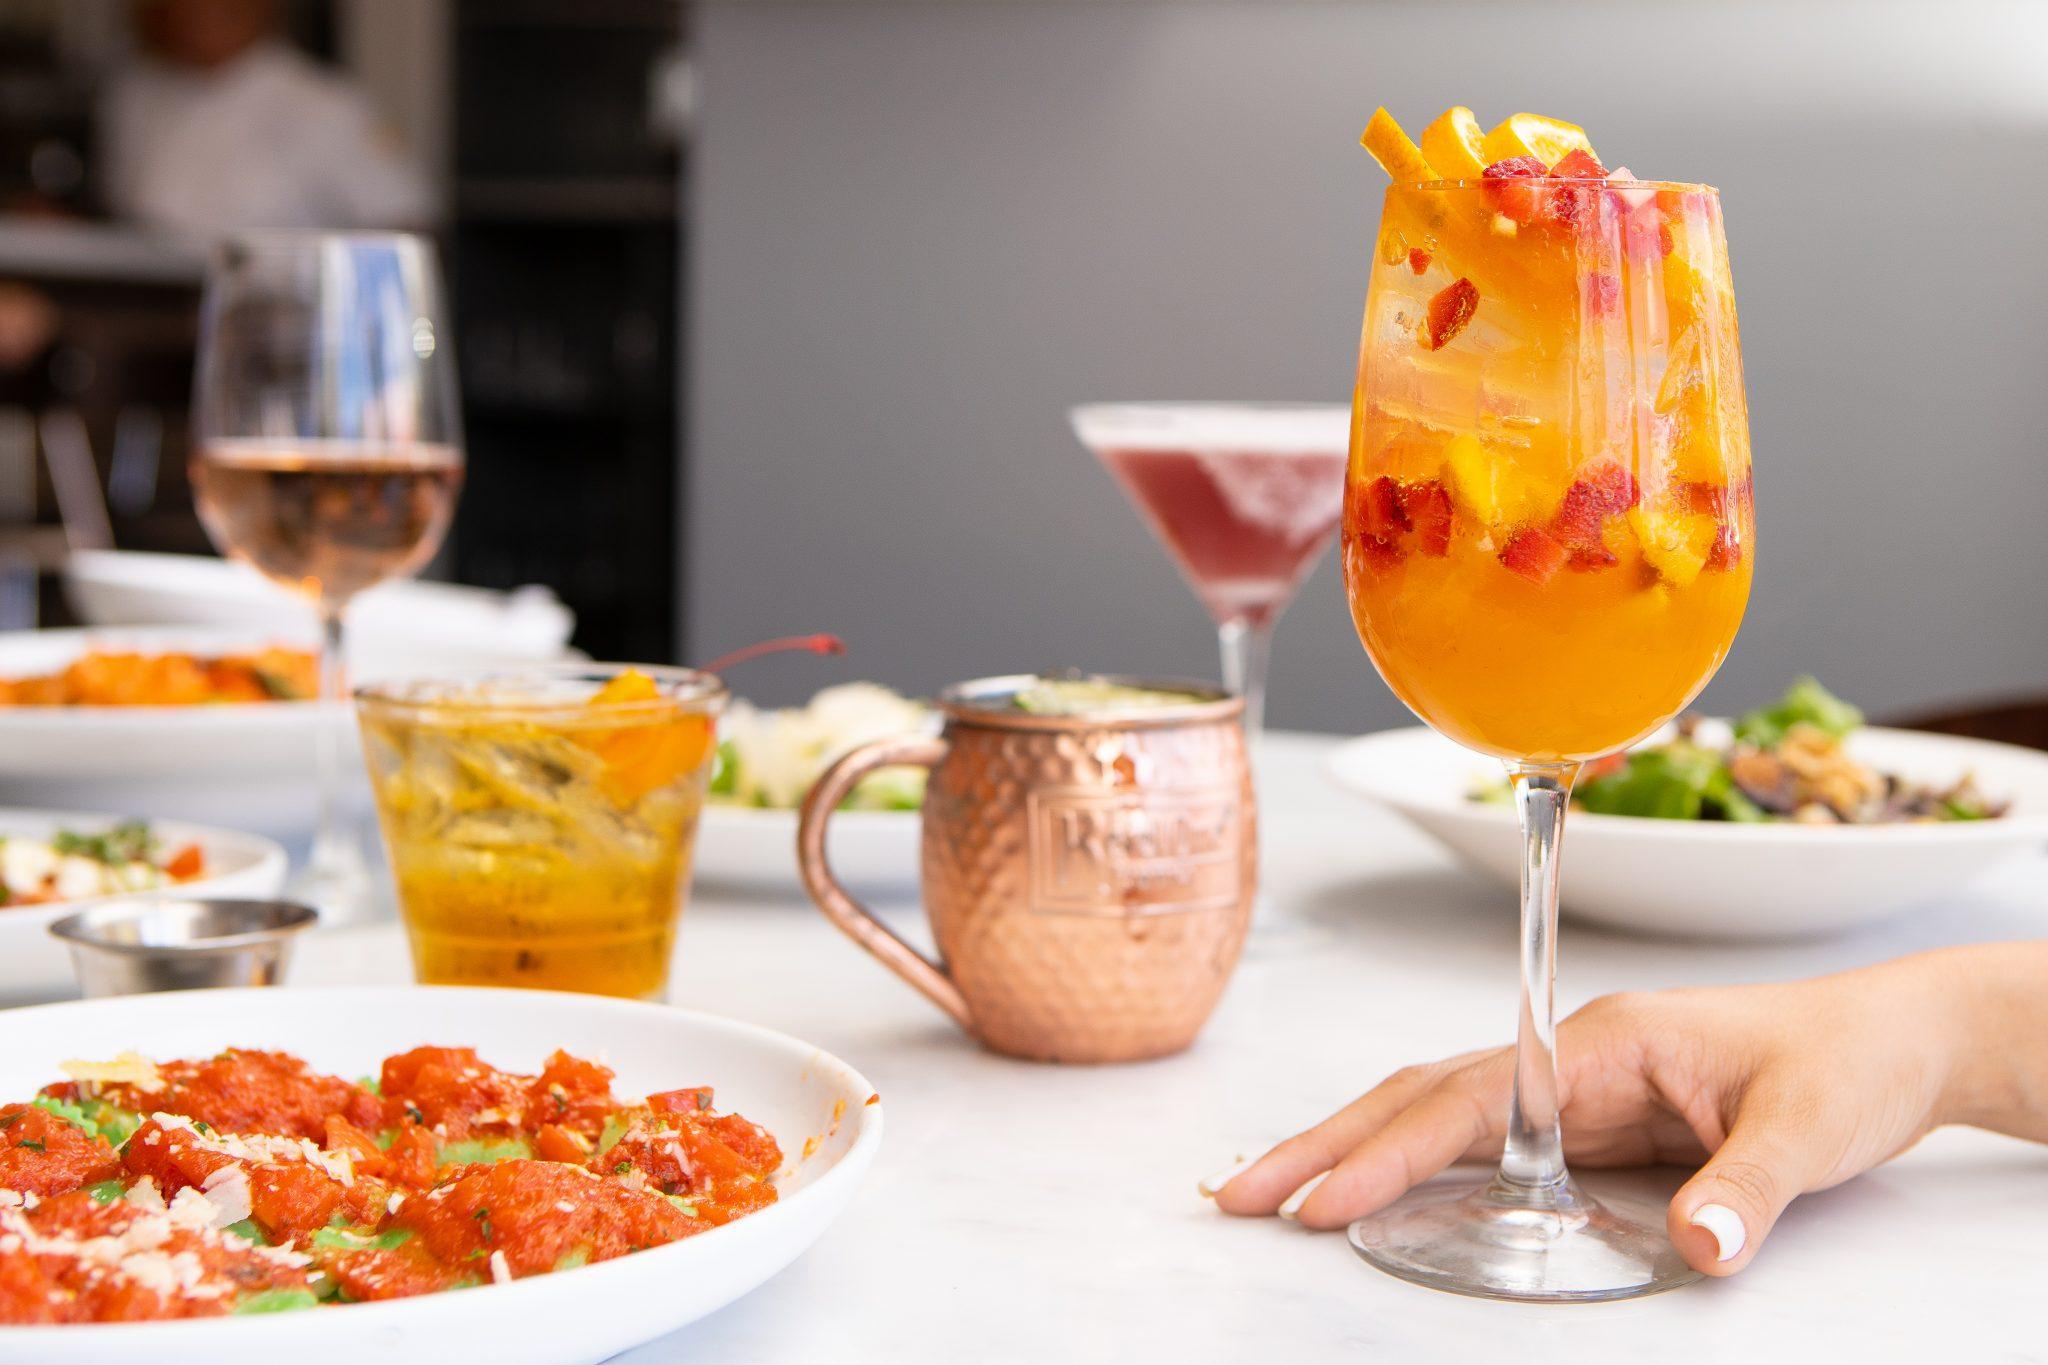 drink-pairings-joeys-miami-spice-2019